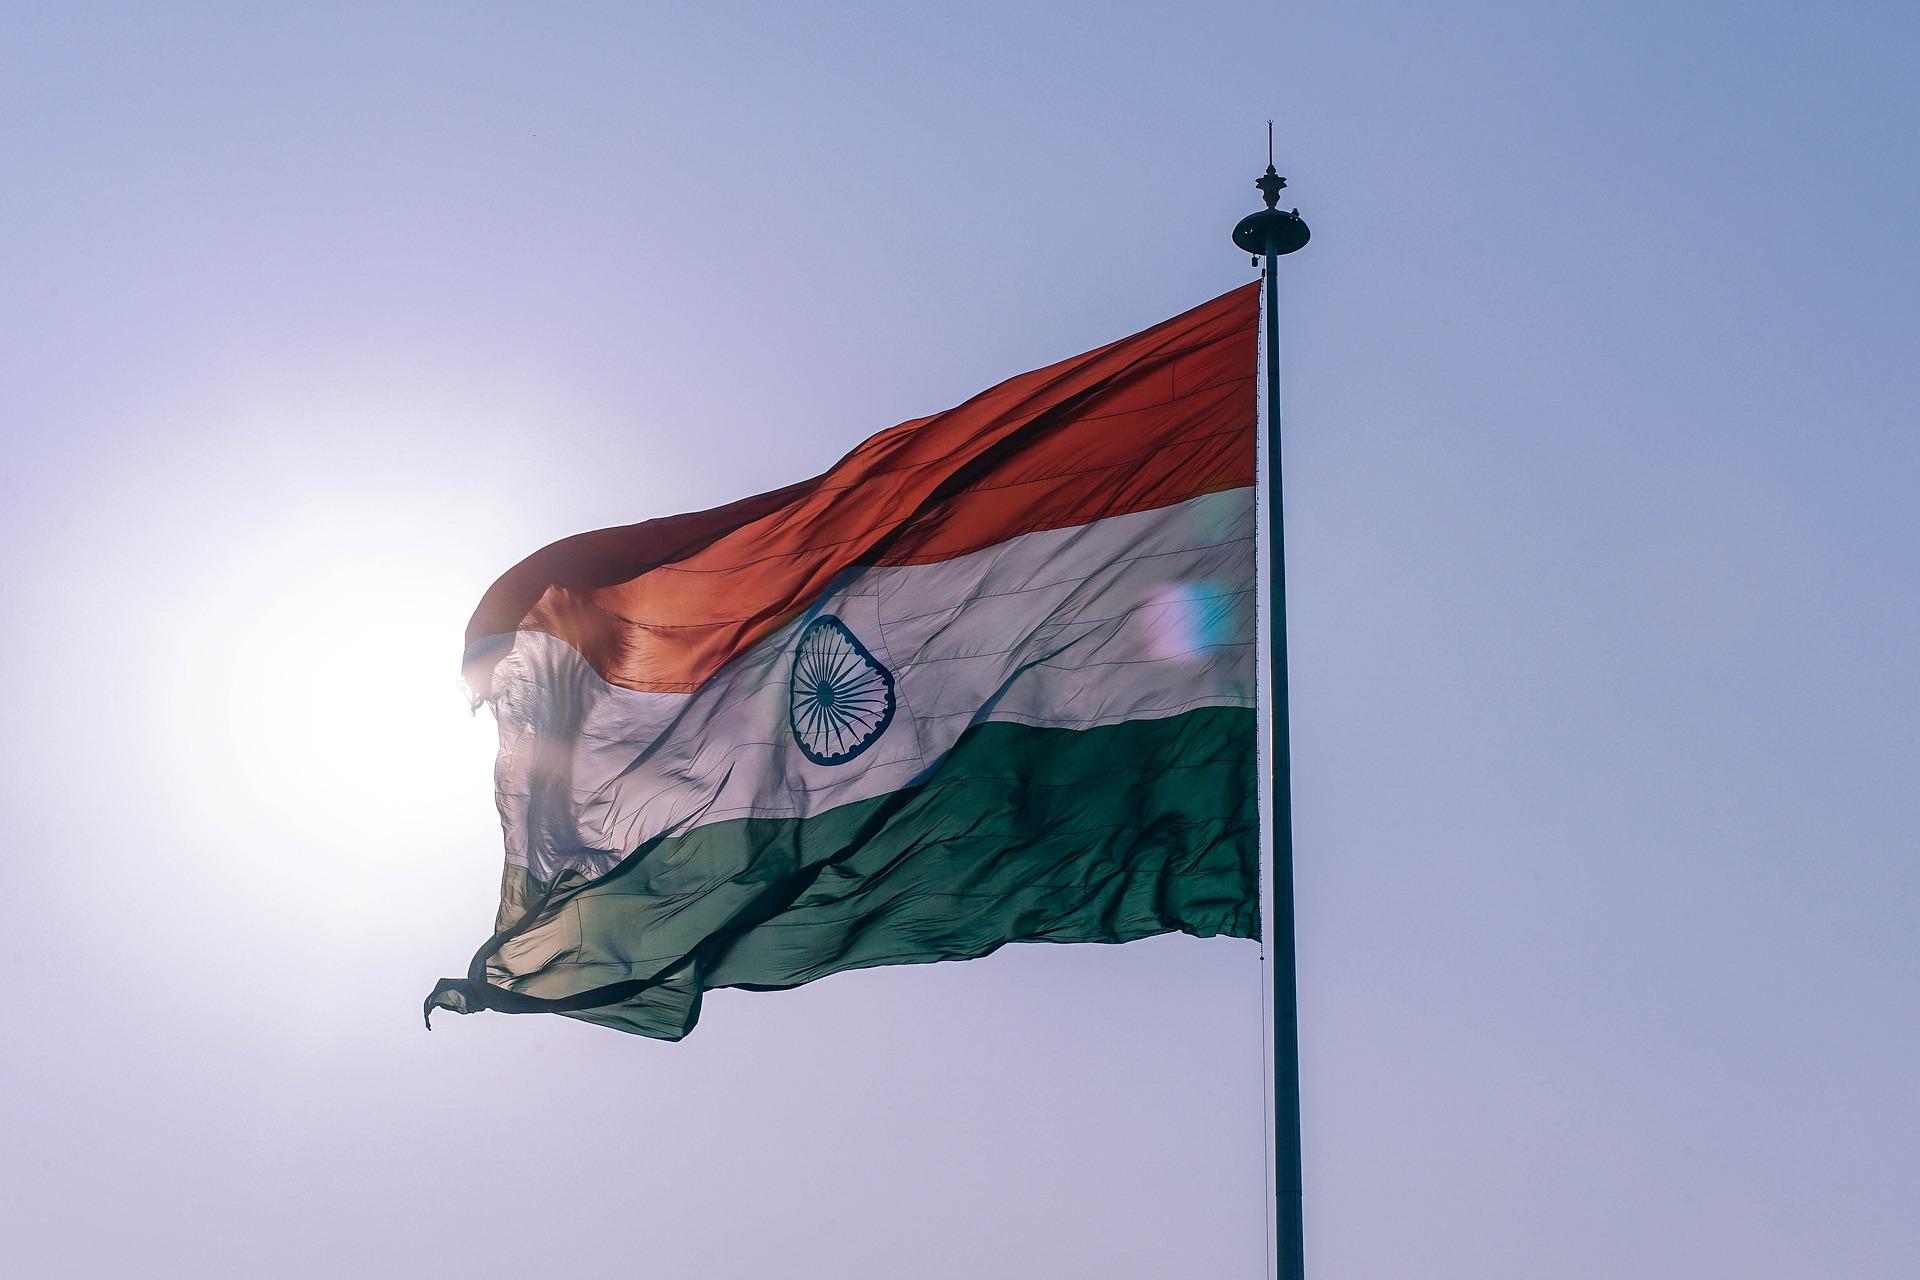 インドの戦略的判断を評価する「クアッド」の有効性